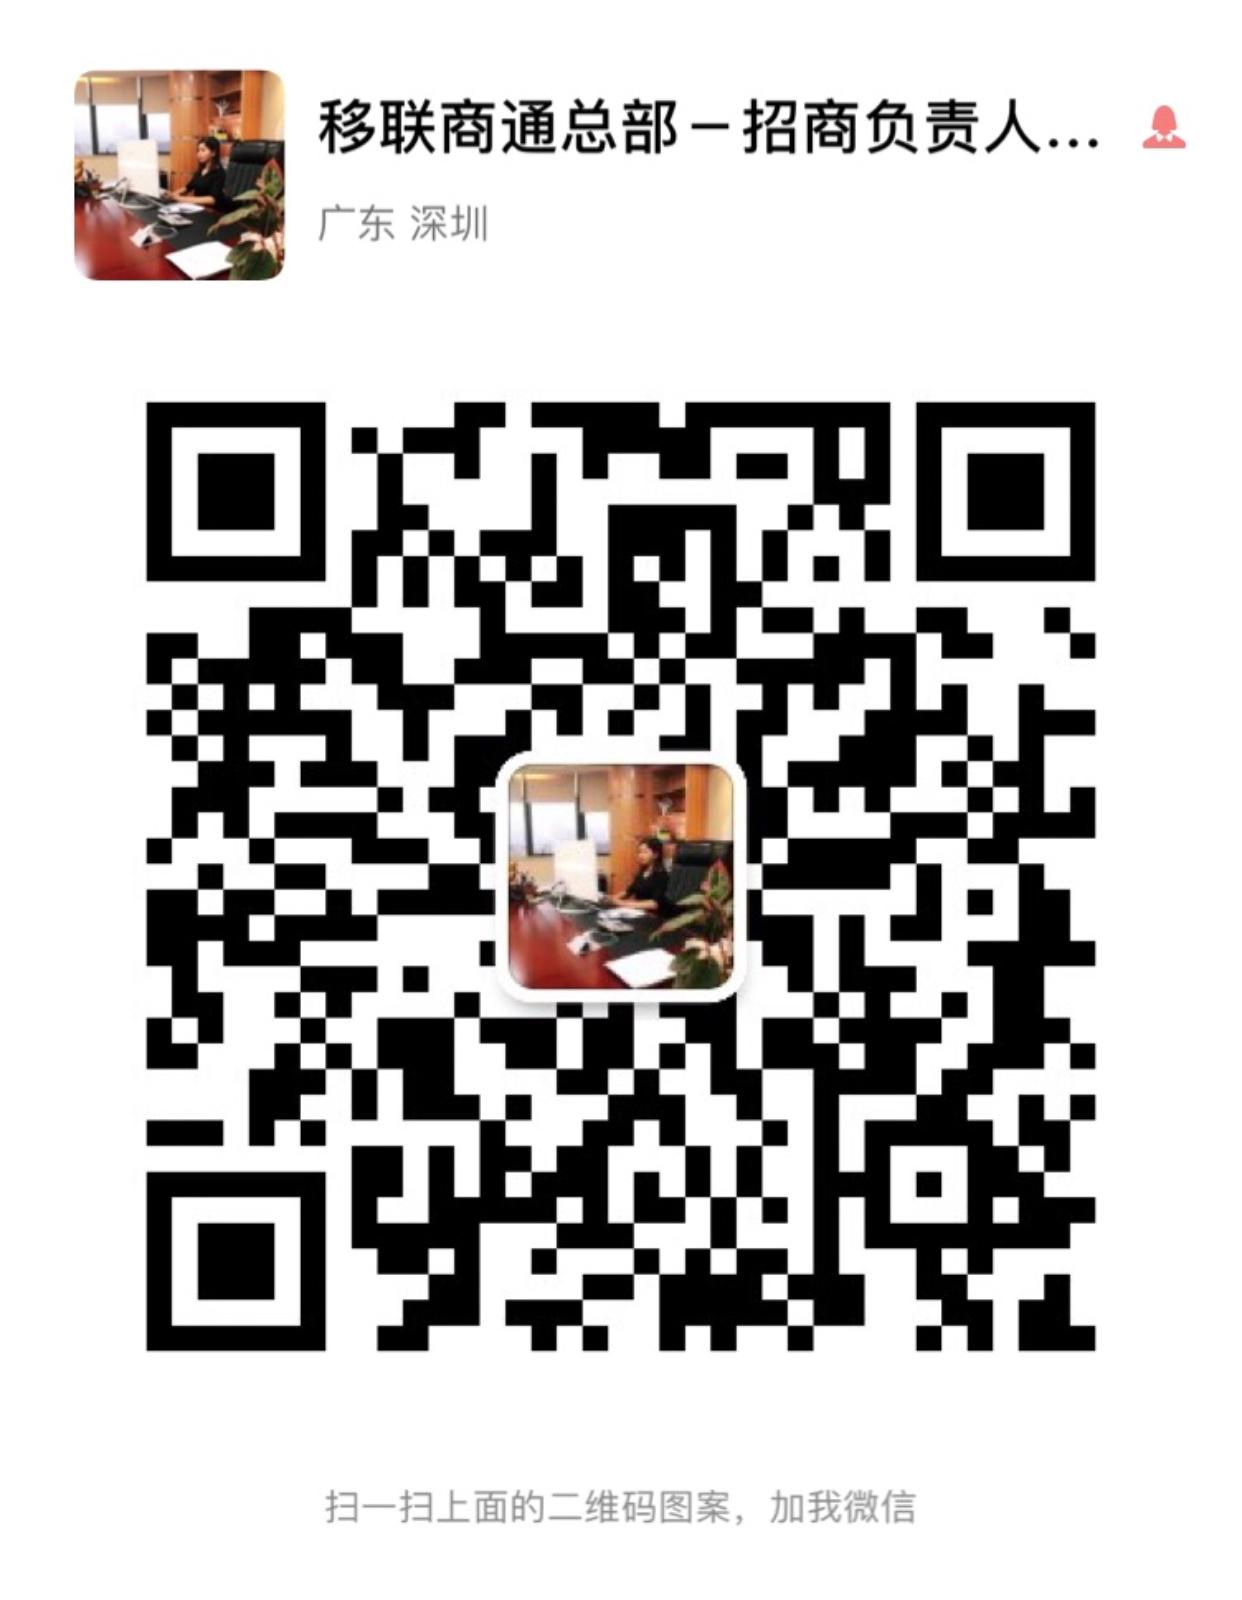 微信图片_20190216094425.jpg